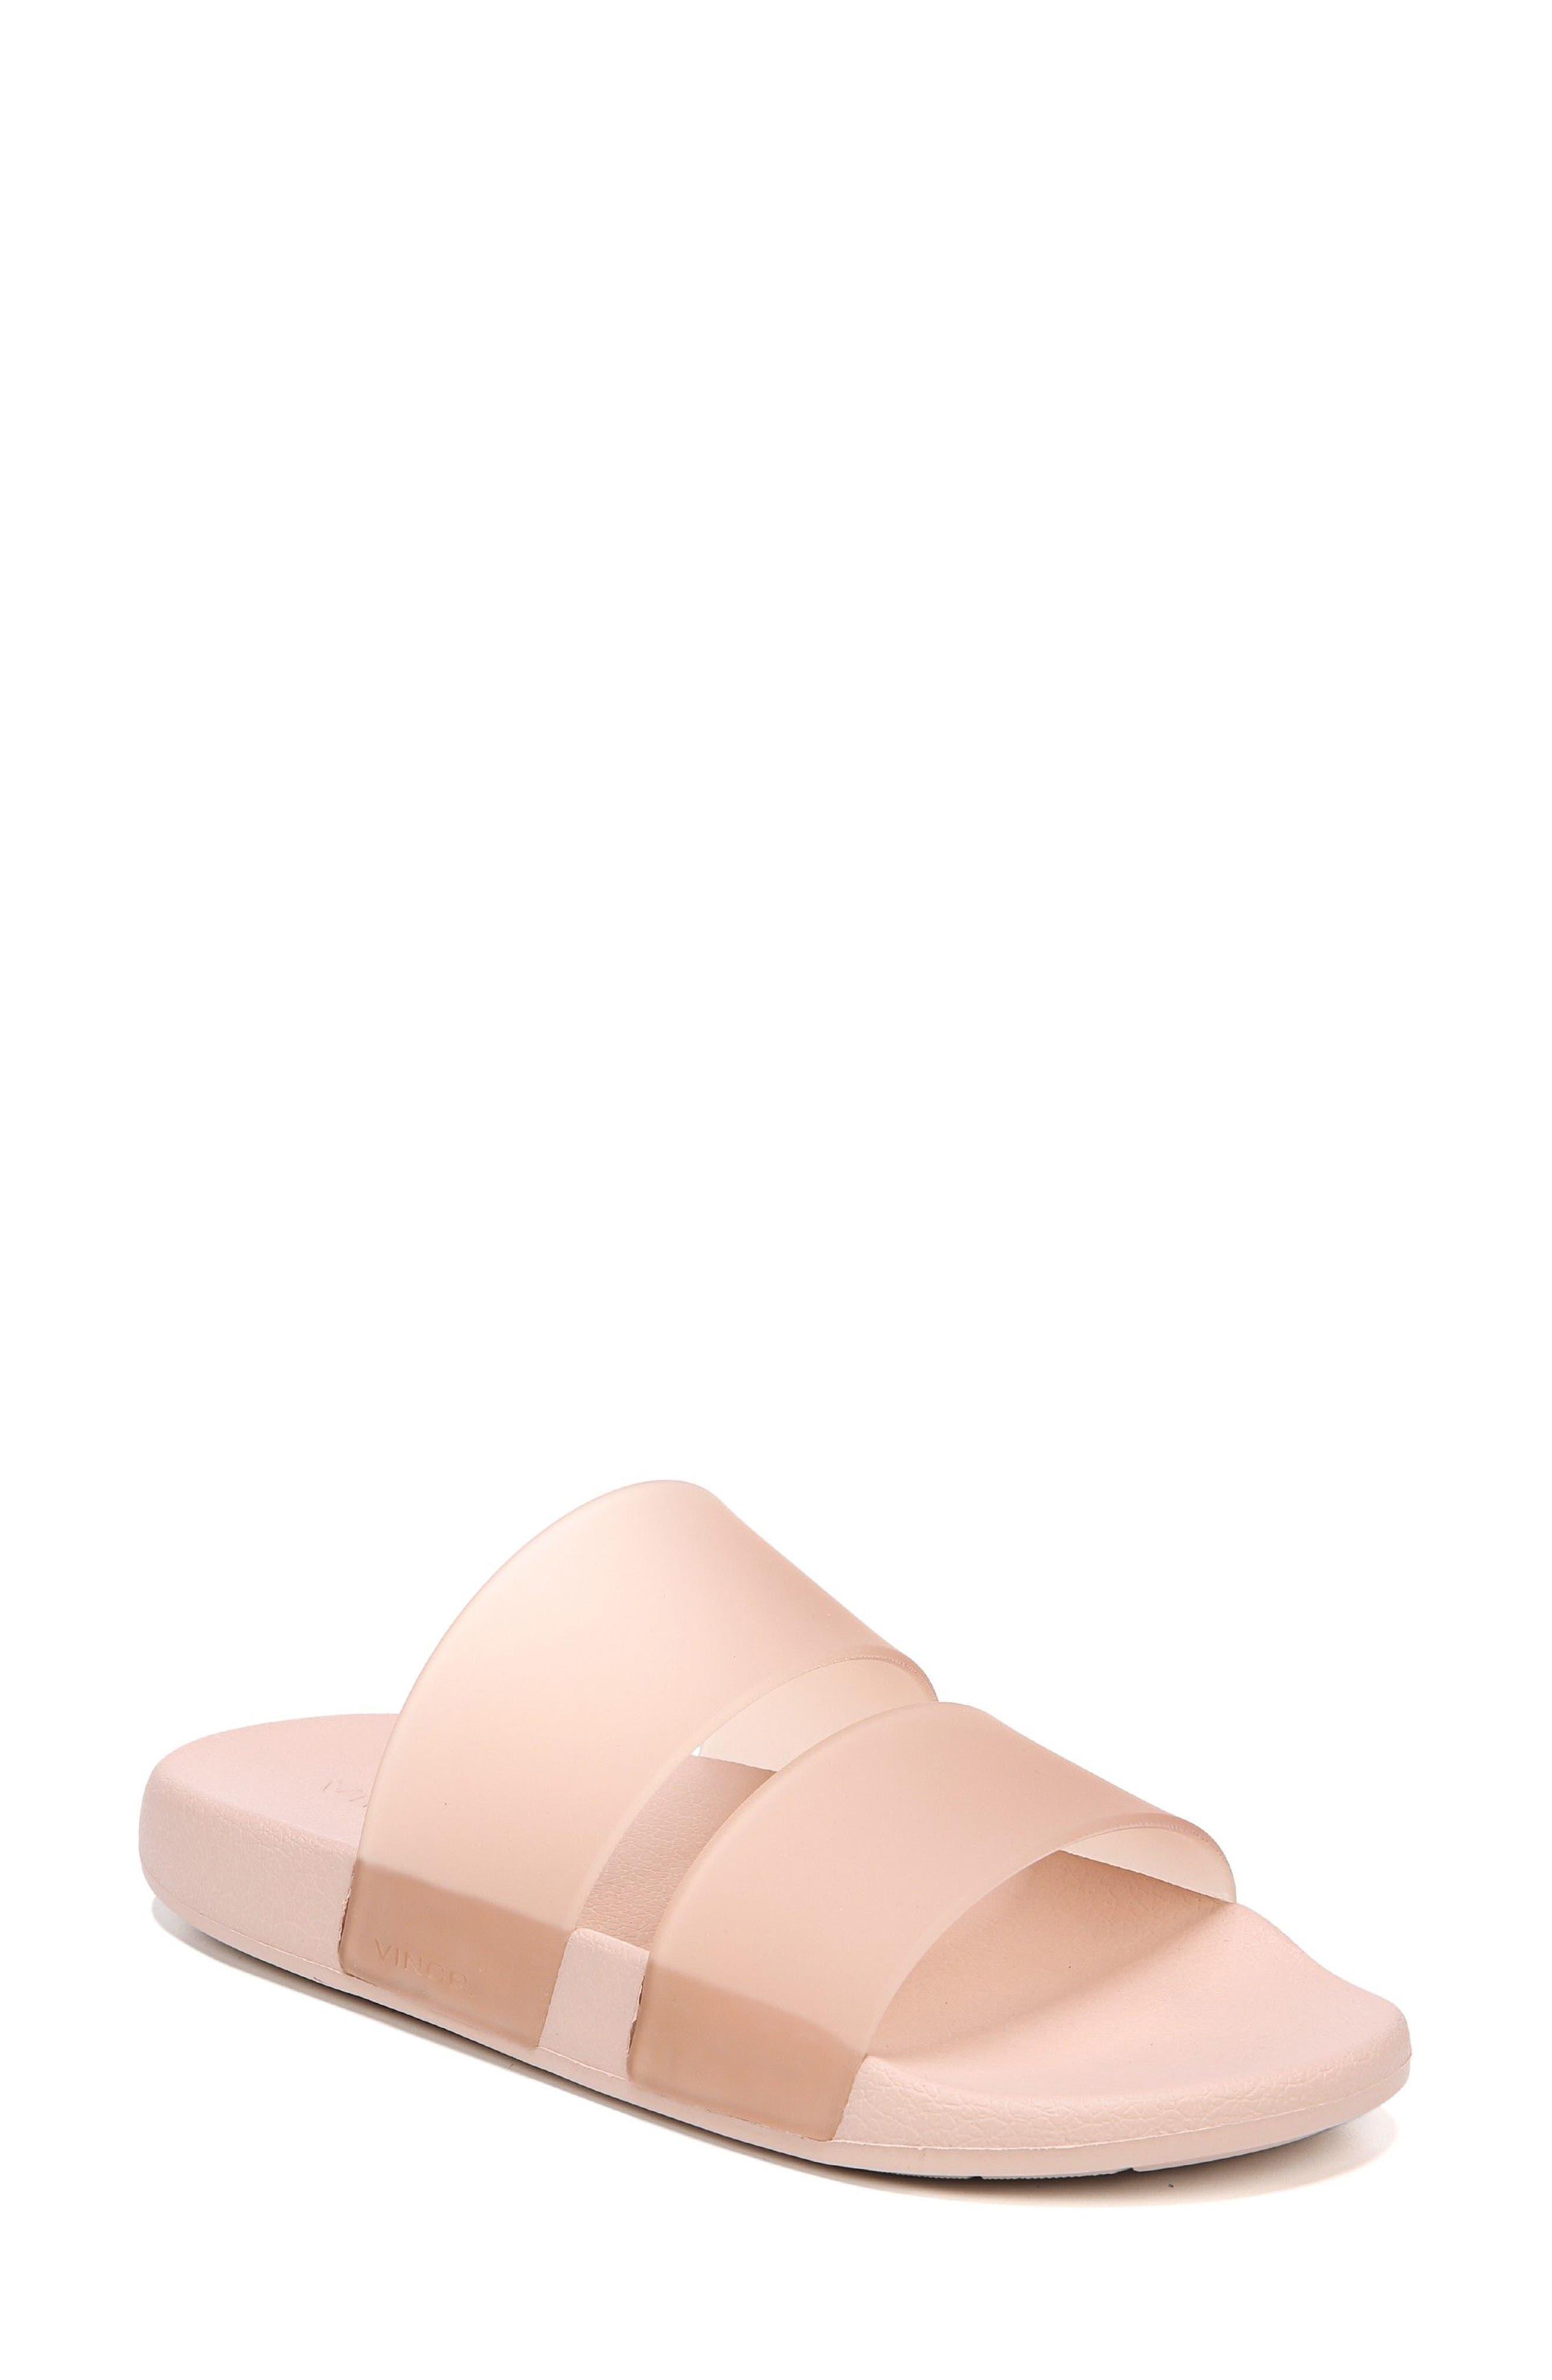 Wynne Slide Sandal,                             Main thumbnail 1, color,                             021